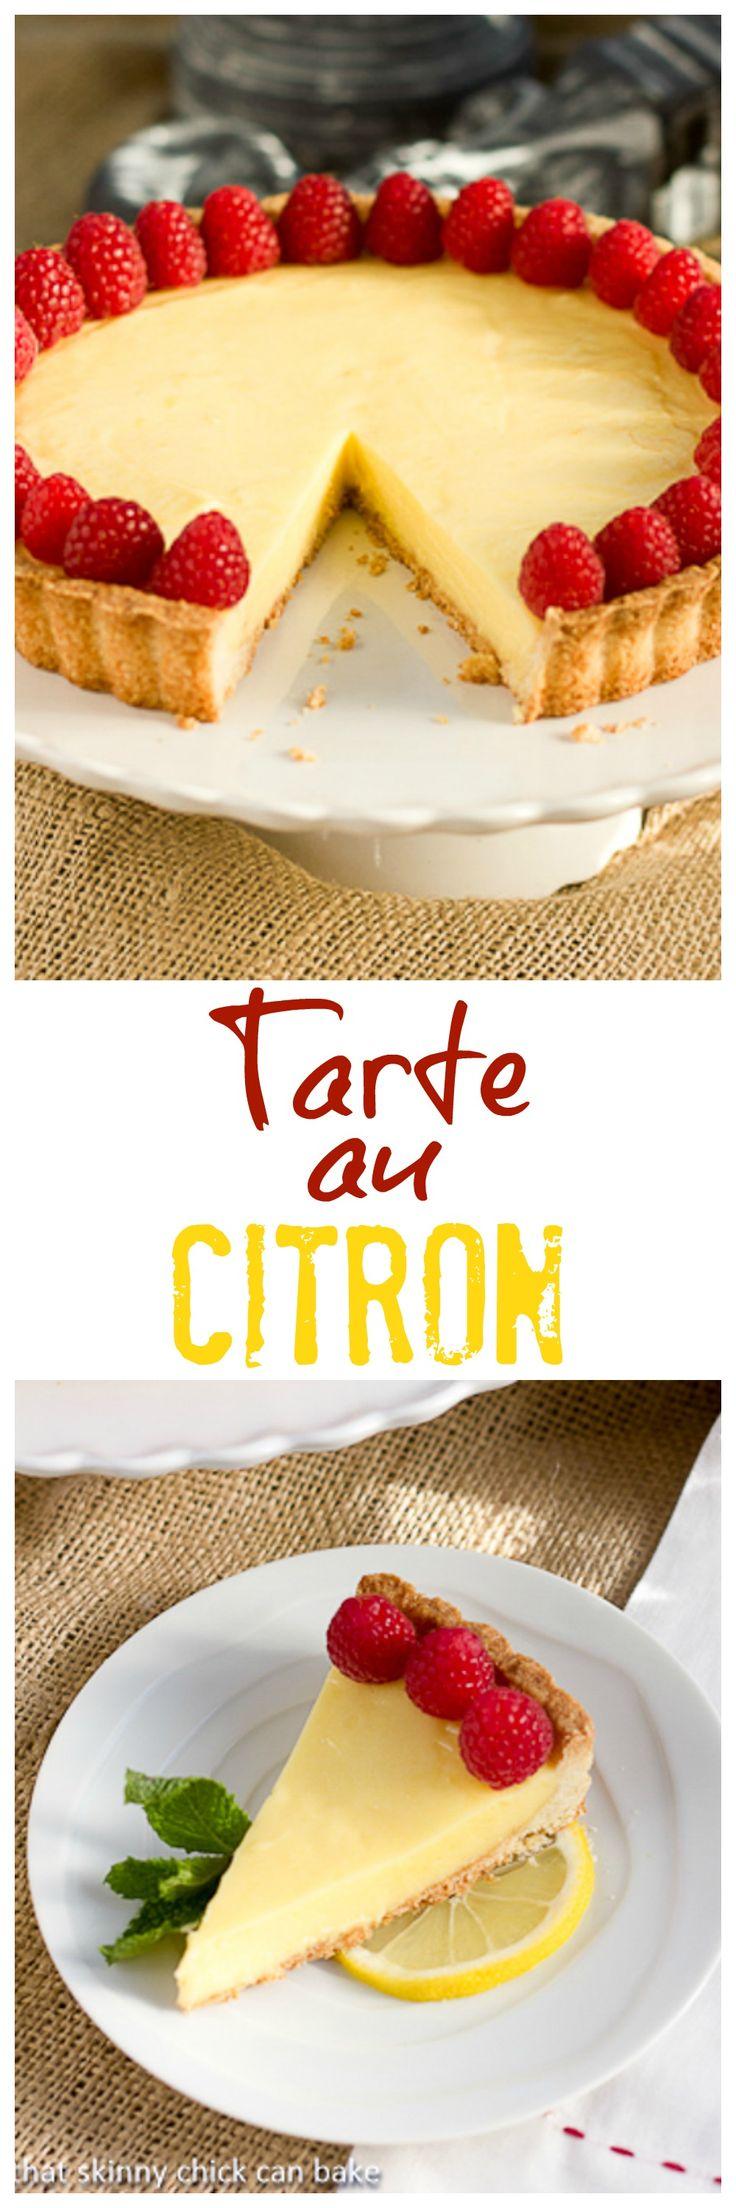 Tarte au Citron | An exquisite lemon dessert @lizzydo